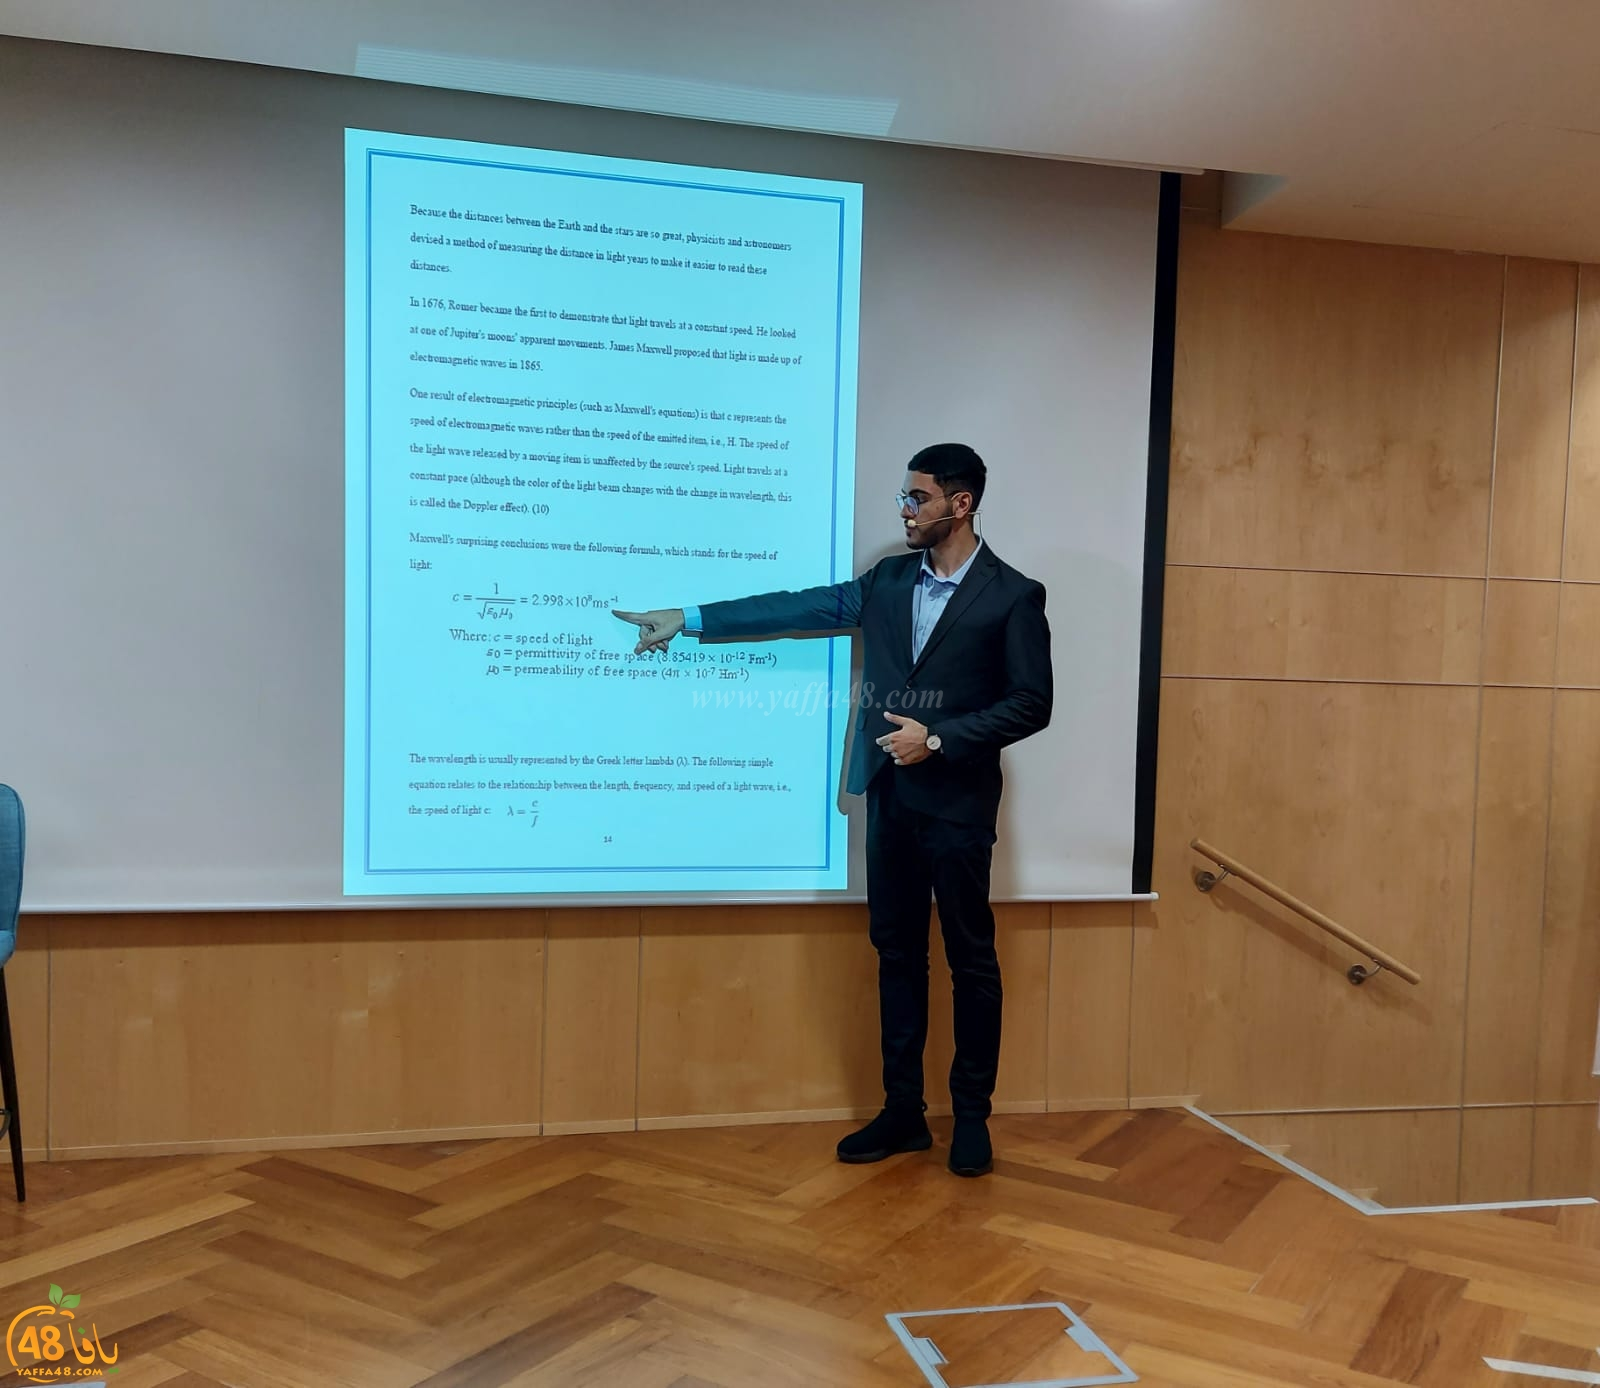 اللد: الشاب حمزة عليوة صاحب براءة الاختراع الكثيرين لديهم أفكاراً رائعة ولا يوجد من يتبناهم